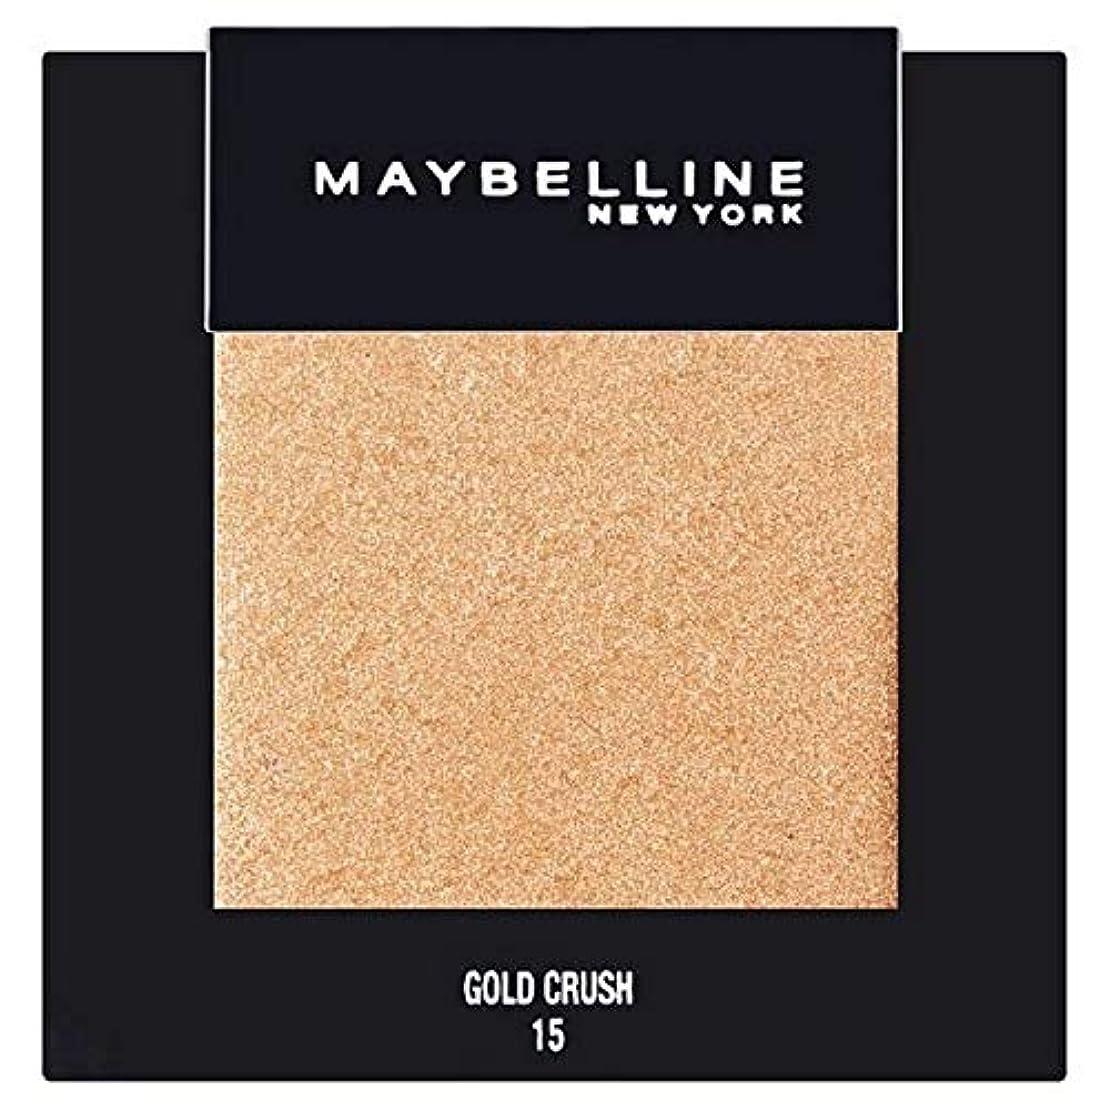 接続詞欠陥私たち[Maybelline ] メイベリンカラーショーシングルアイシャドウ15金クラッシュ - Maybelline Color Show Single Eyeshadow 15 Gold Crush [並行輸入品]